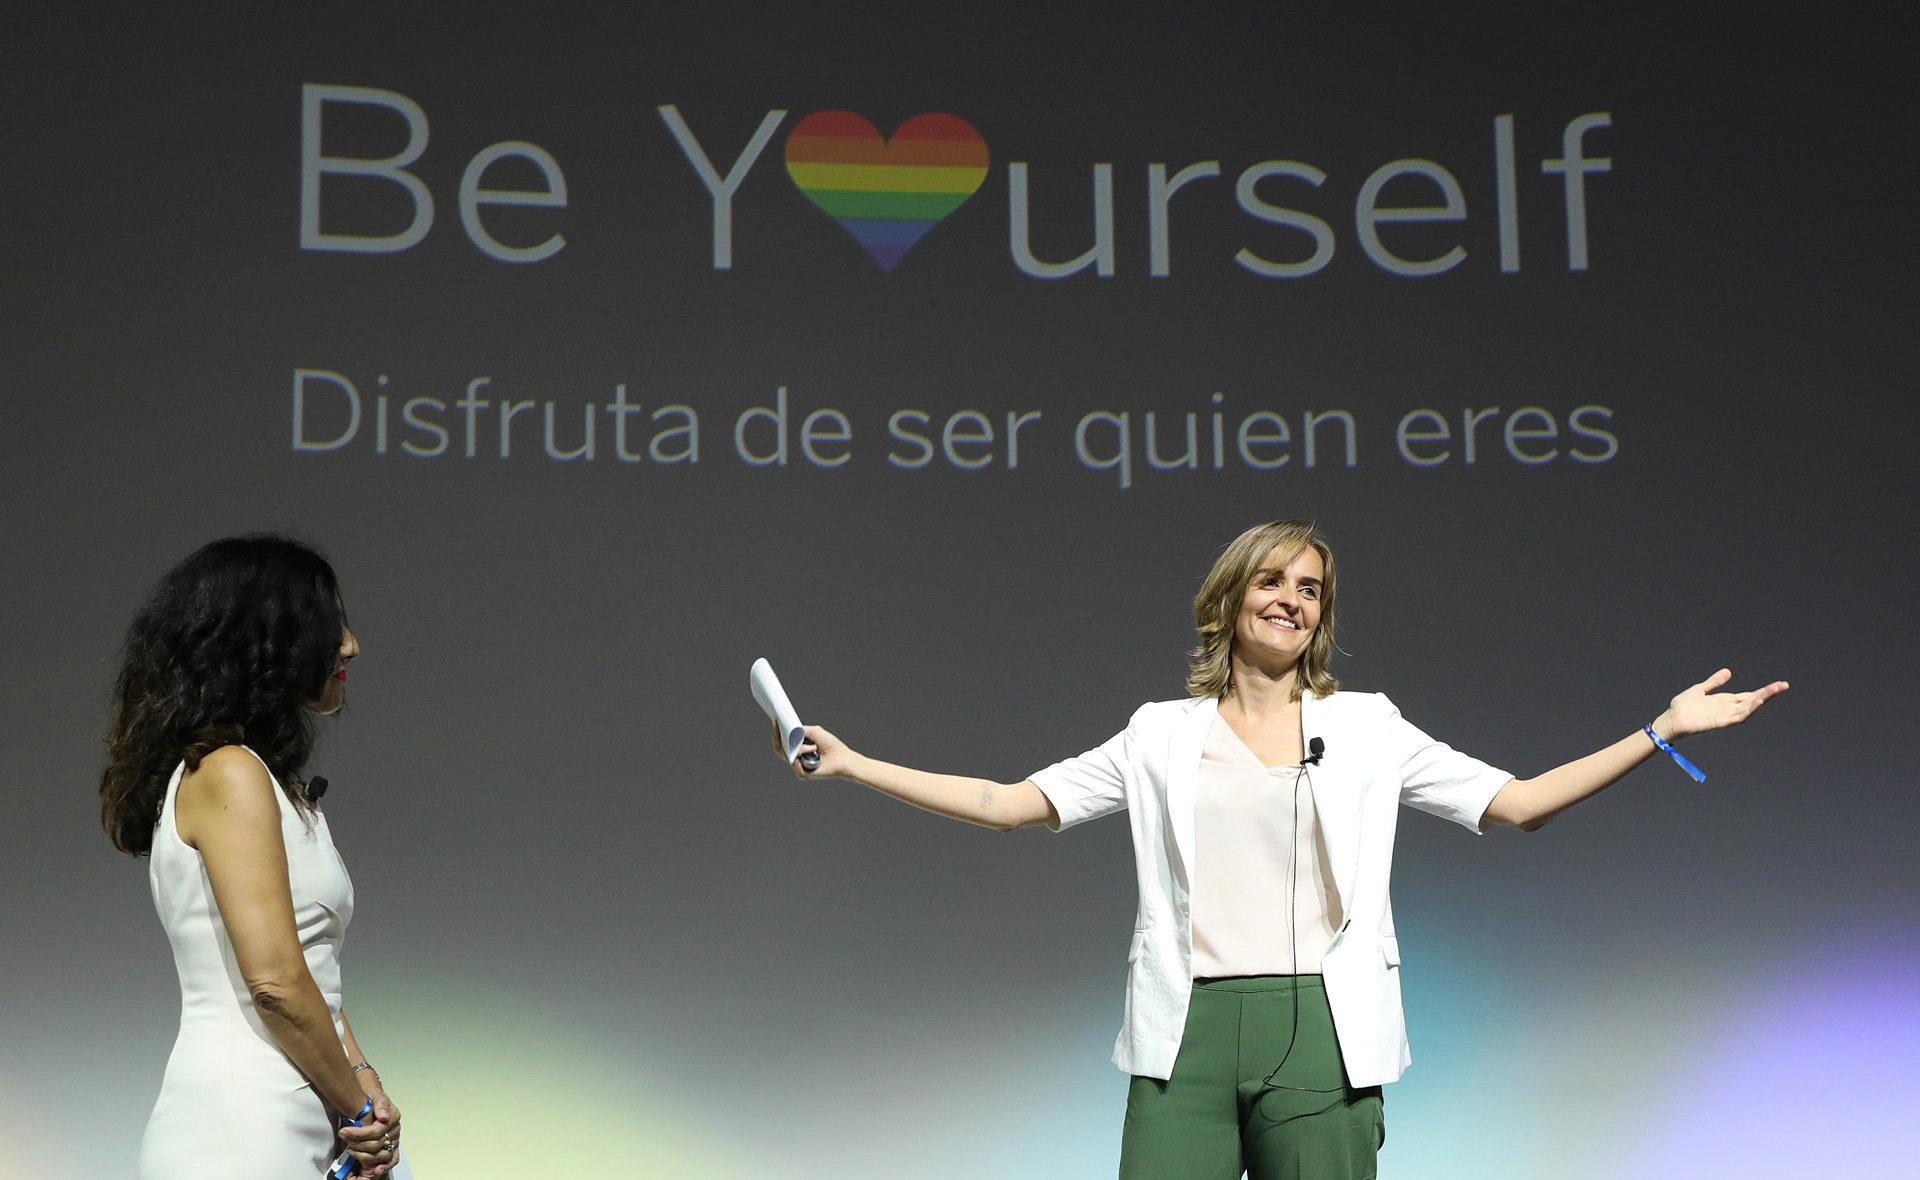 Beyourself, diversidad, colectivo, orgullo, gay, bbva